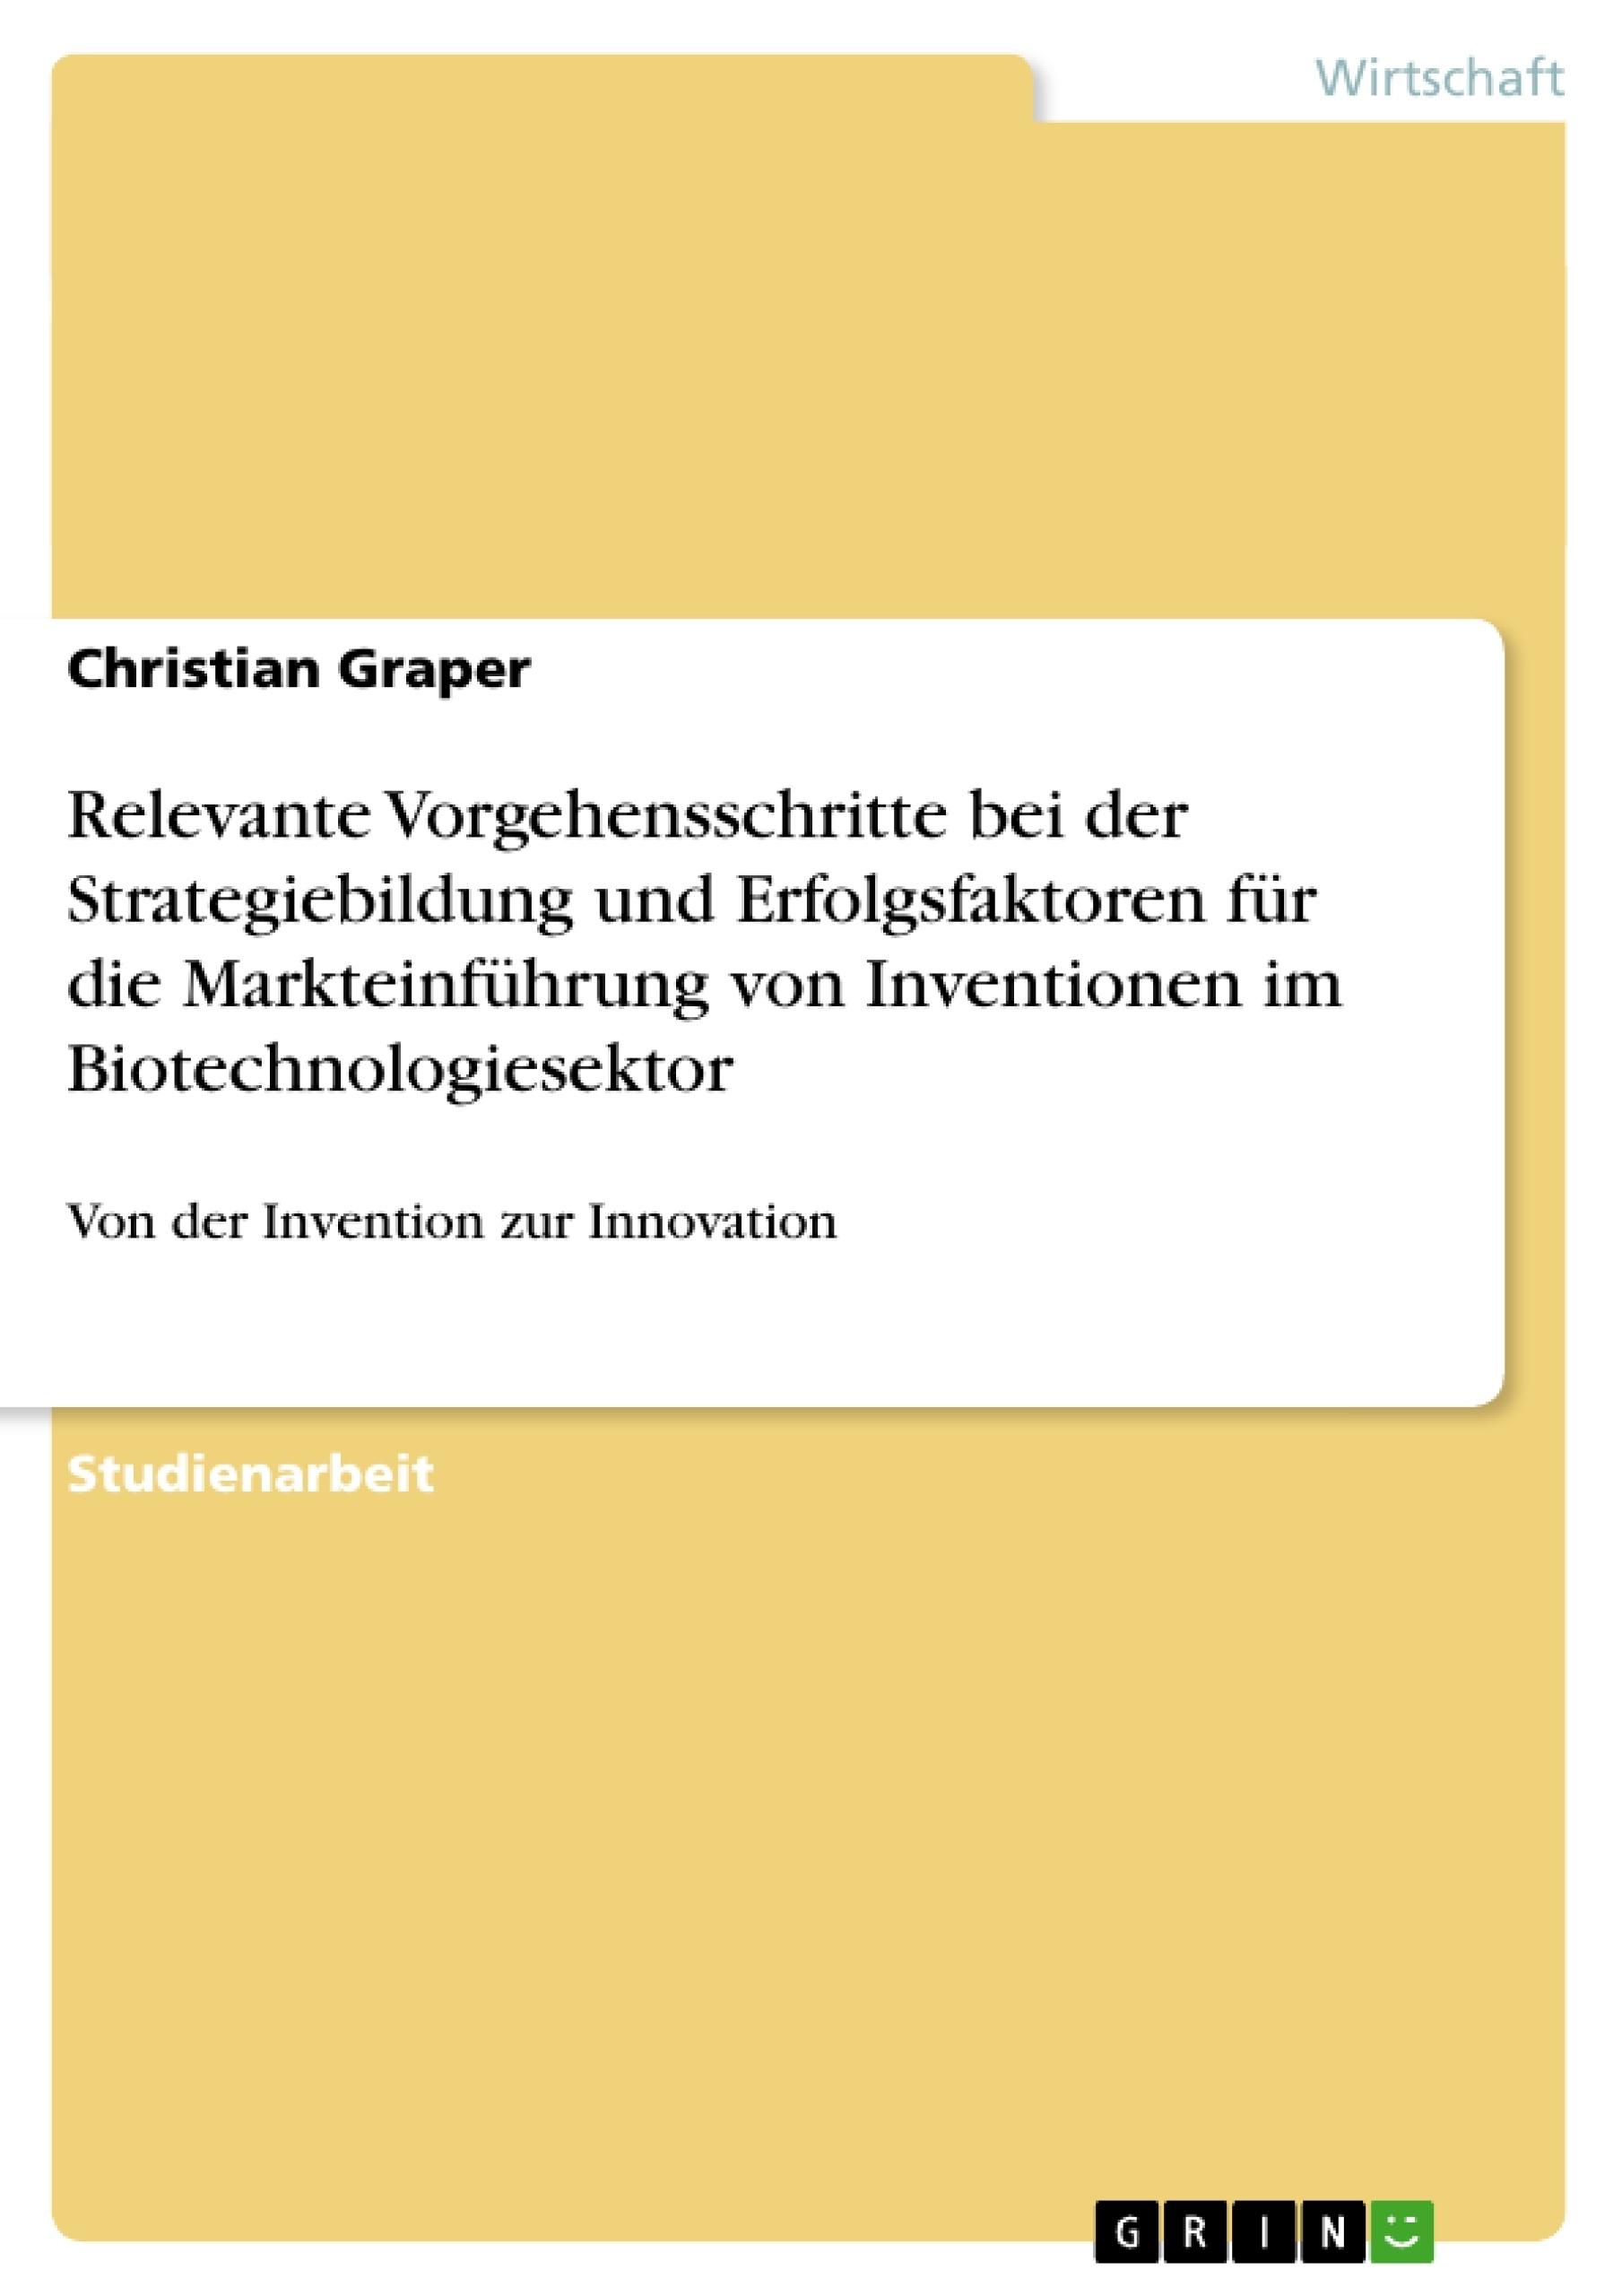 Titel: Relevante Vorgehensschritte bei der Strategiebildung und Erfolgsfaktoren für die Markteinführung von Inventionen  im Biotechnologiesektor